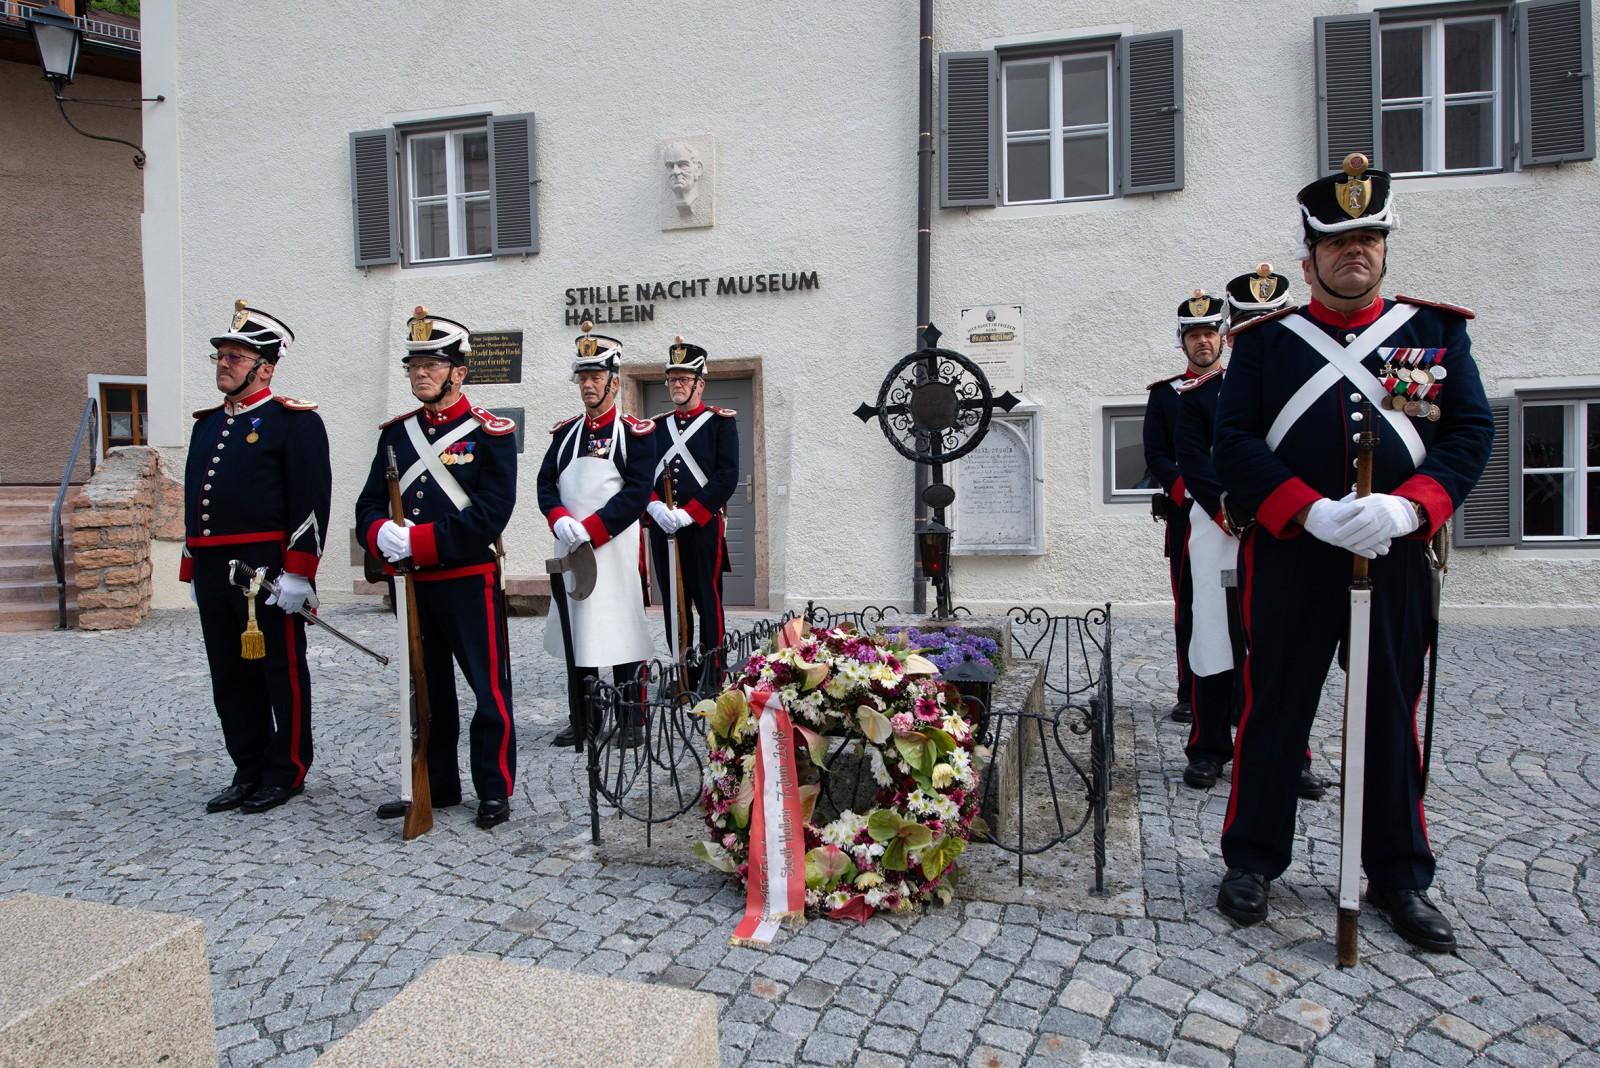 Bürgergarde der Stadt Hallein vor dem Stille-Nacht-Museum